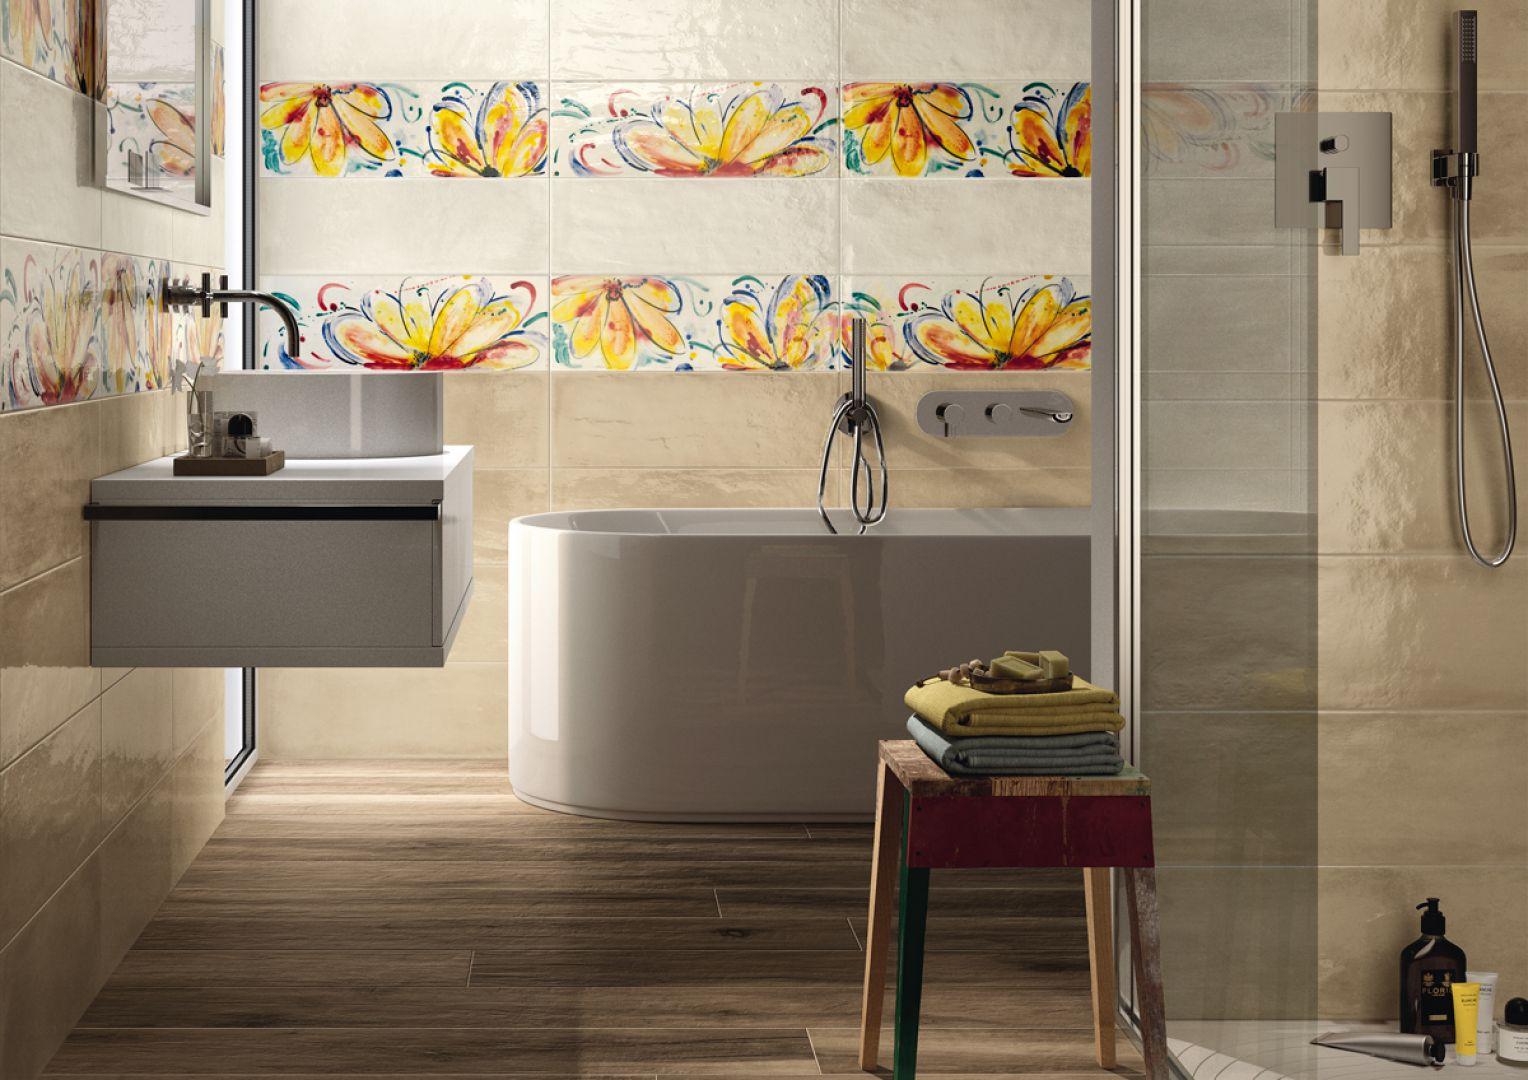 Płytki ceramiczne z kwiatowym motywem z serii Shades marki Imola Ceramica. Fot. Imola Ceramica